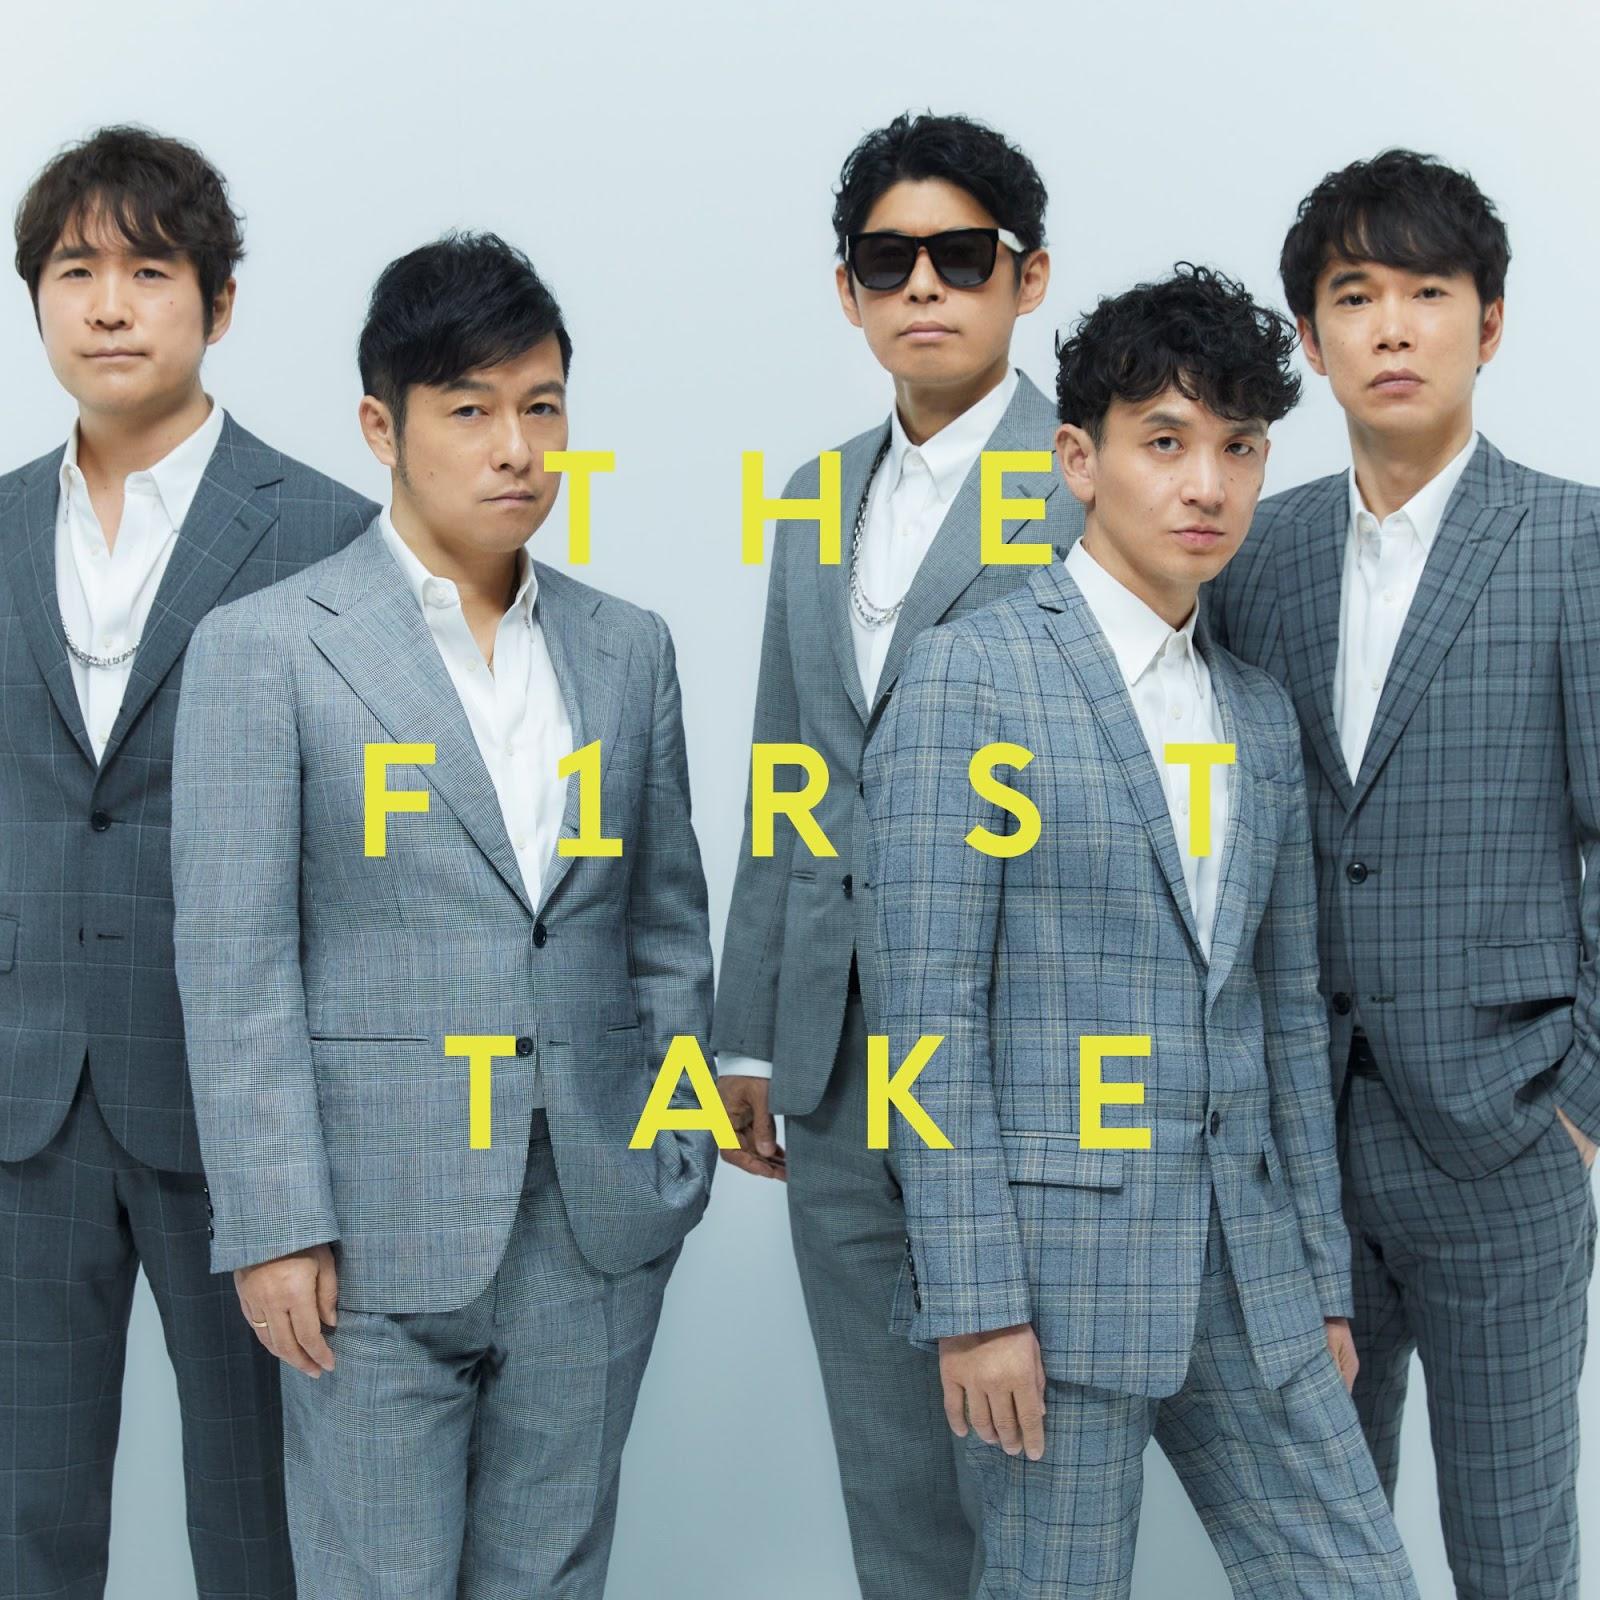 ゴスペラーズ - ひとり From THE FIRST TAKE [2020.07.31+MP3+RAR]